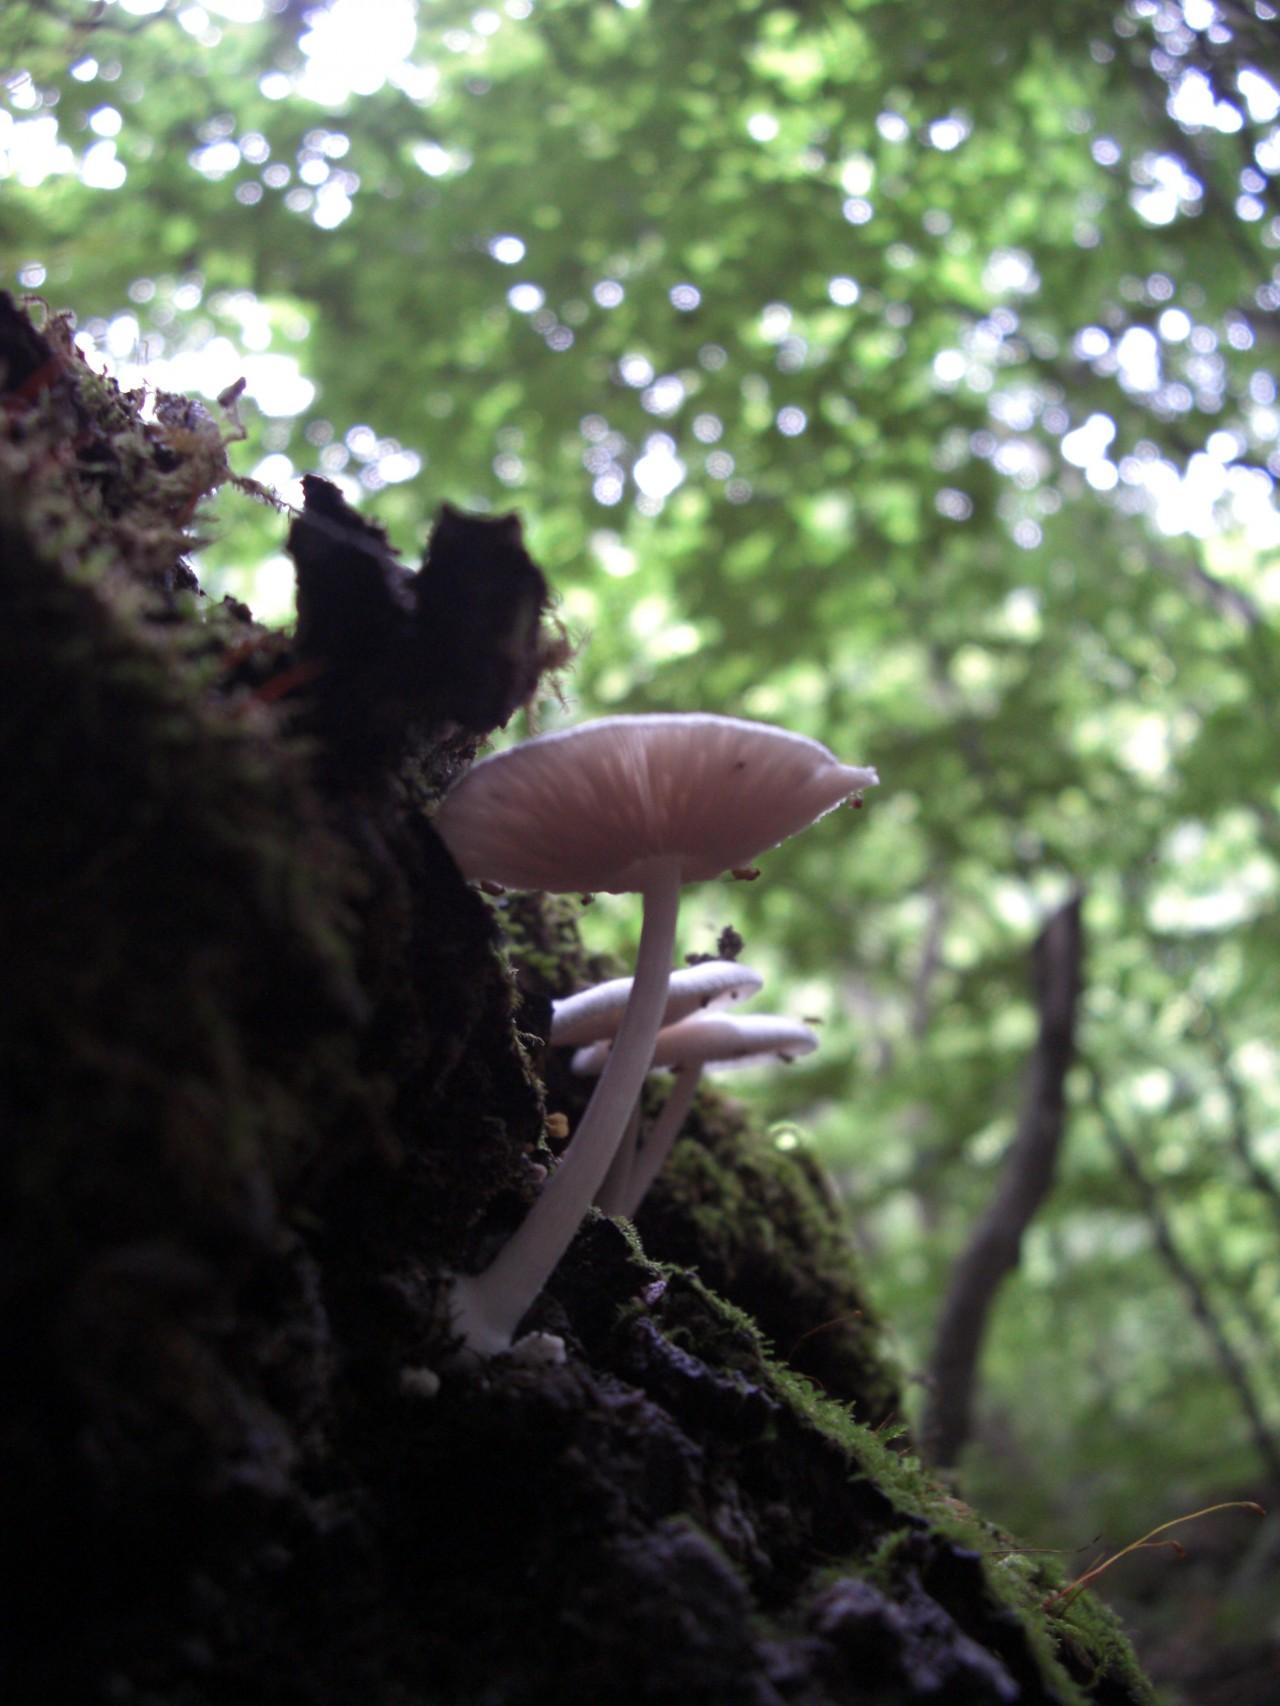 青森 風景 夏 上北 十和田市 奥入瀬渓流 緑 自然 森林 きのこ キノコ